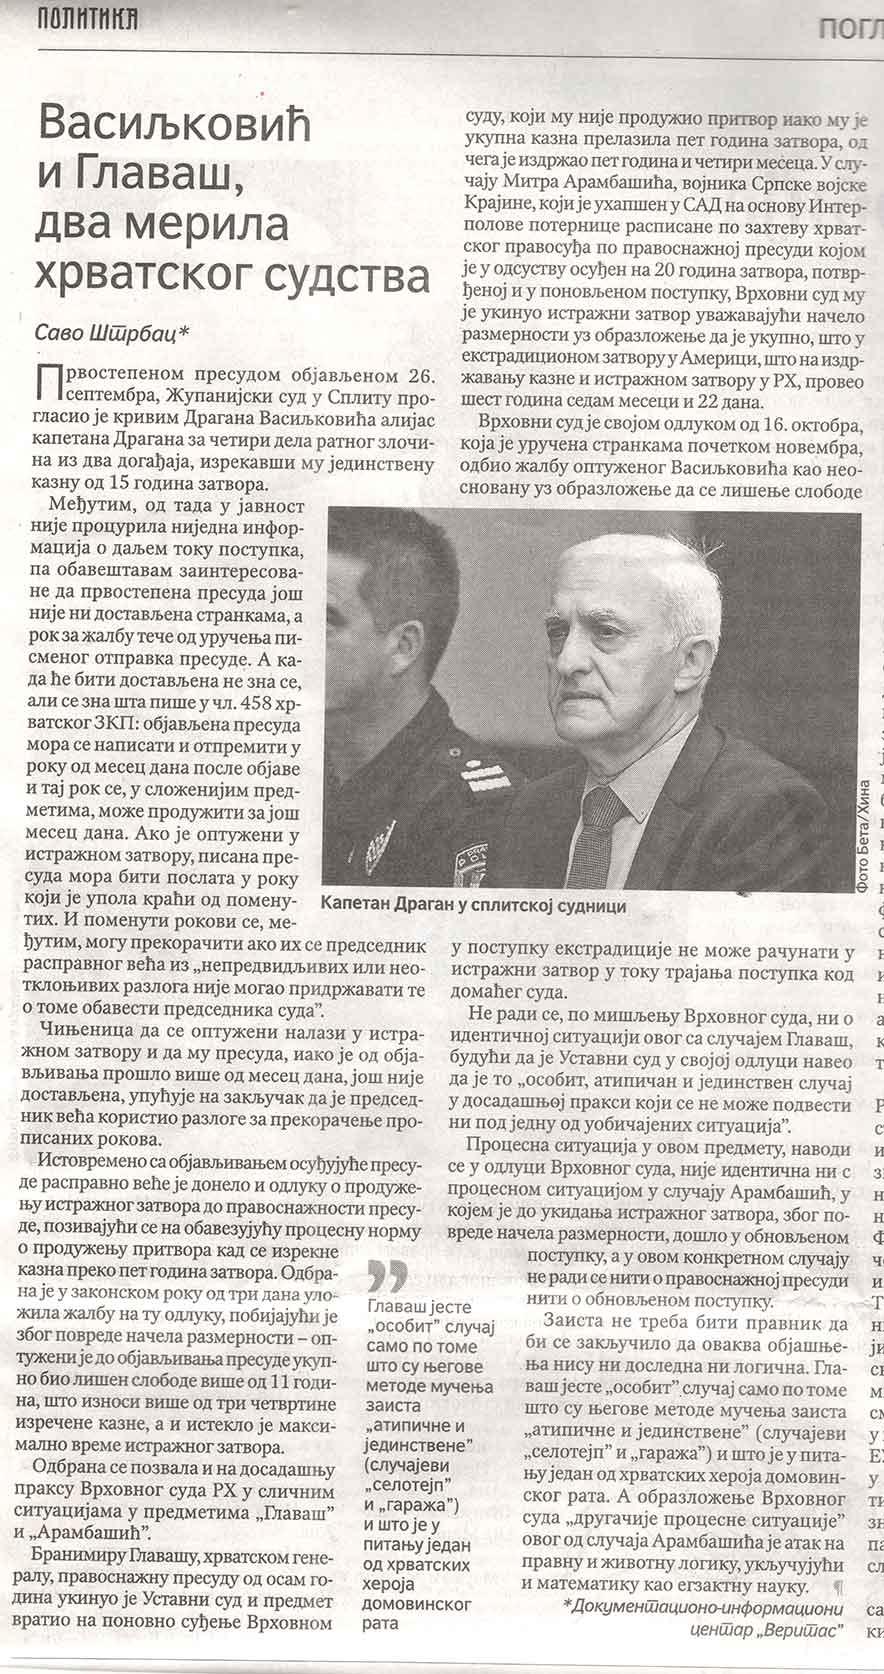 Политика, 13.11.2017, Саво Штрбац – Васиљковић и Главаш, два мерила хрватског судства